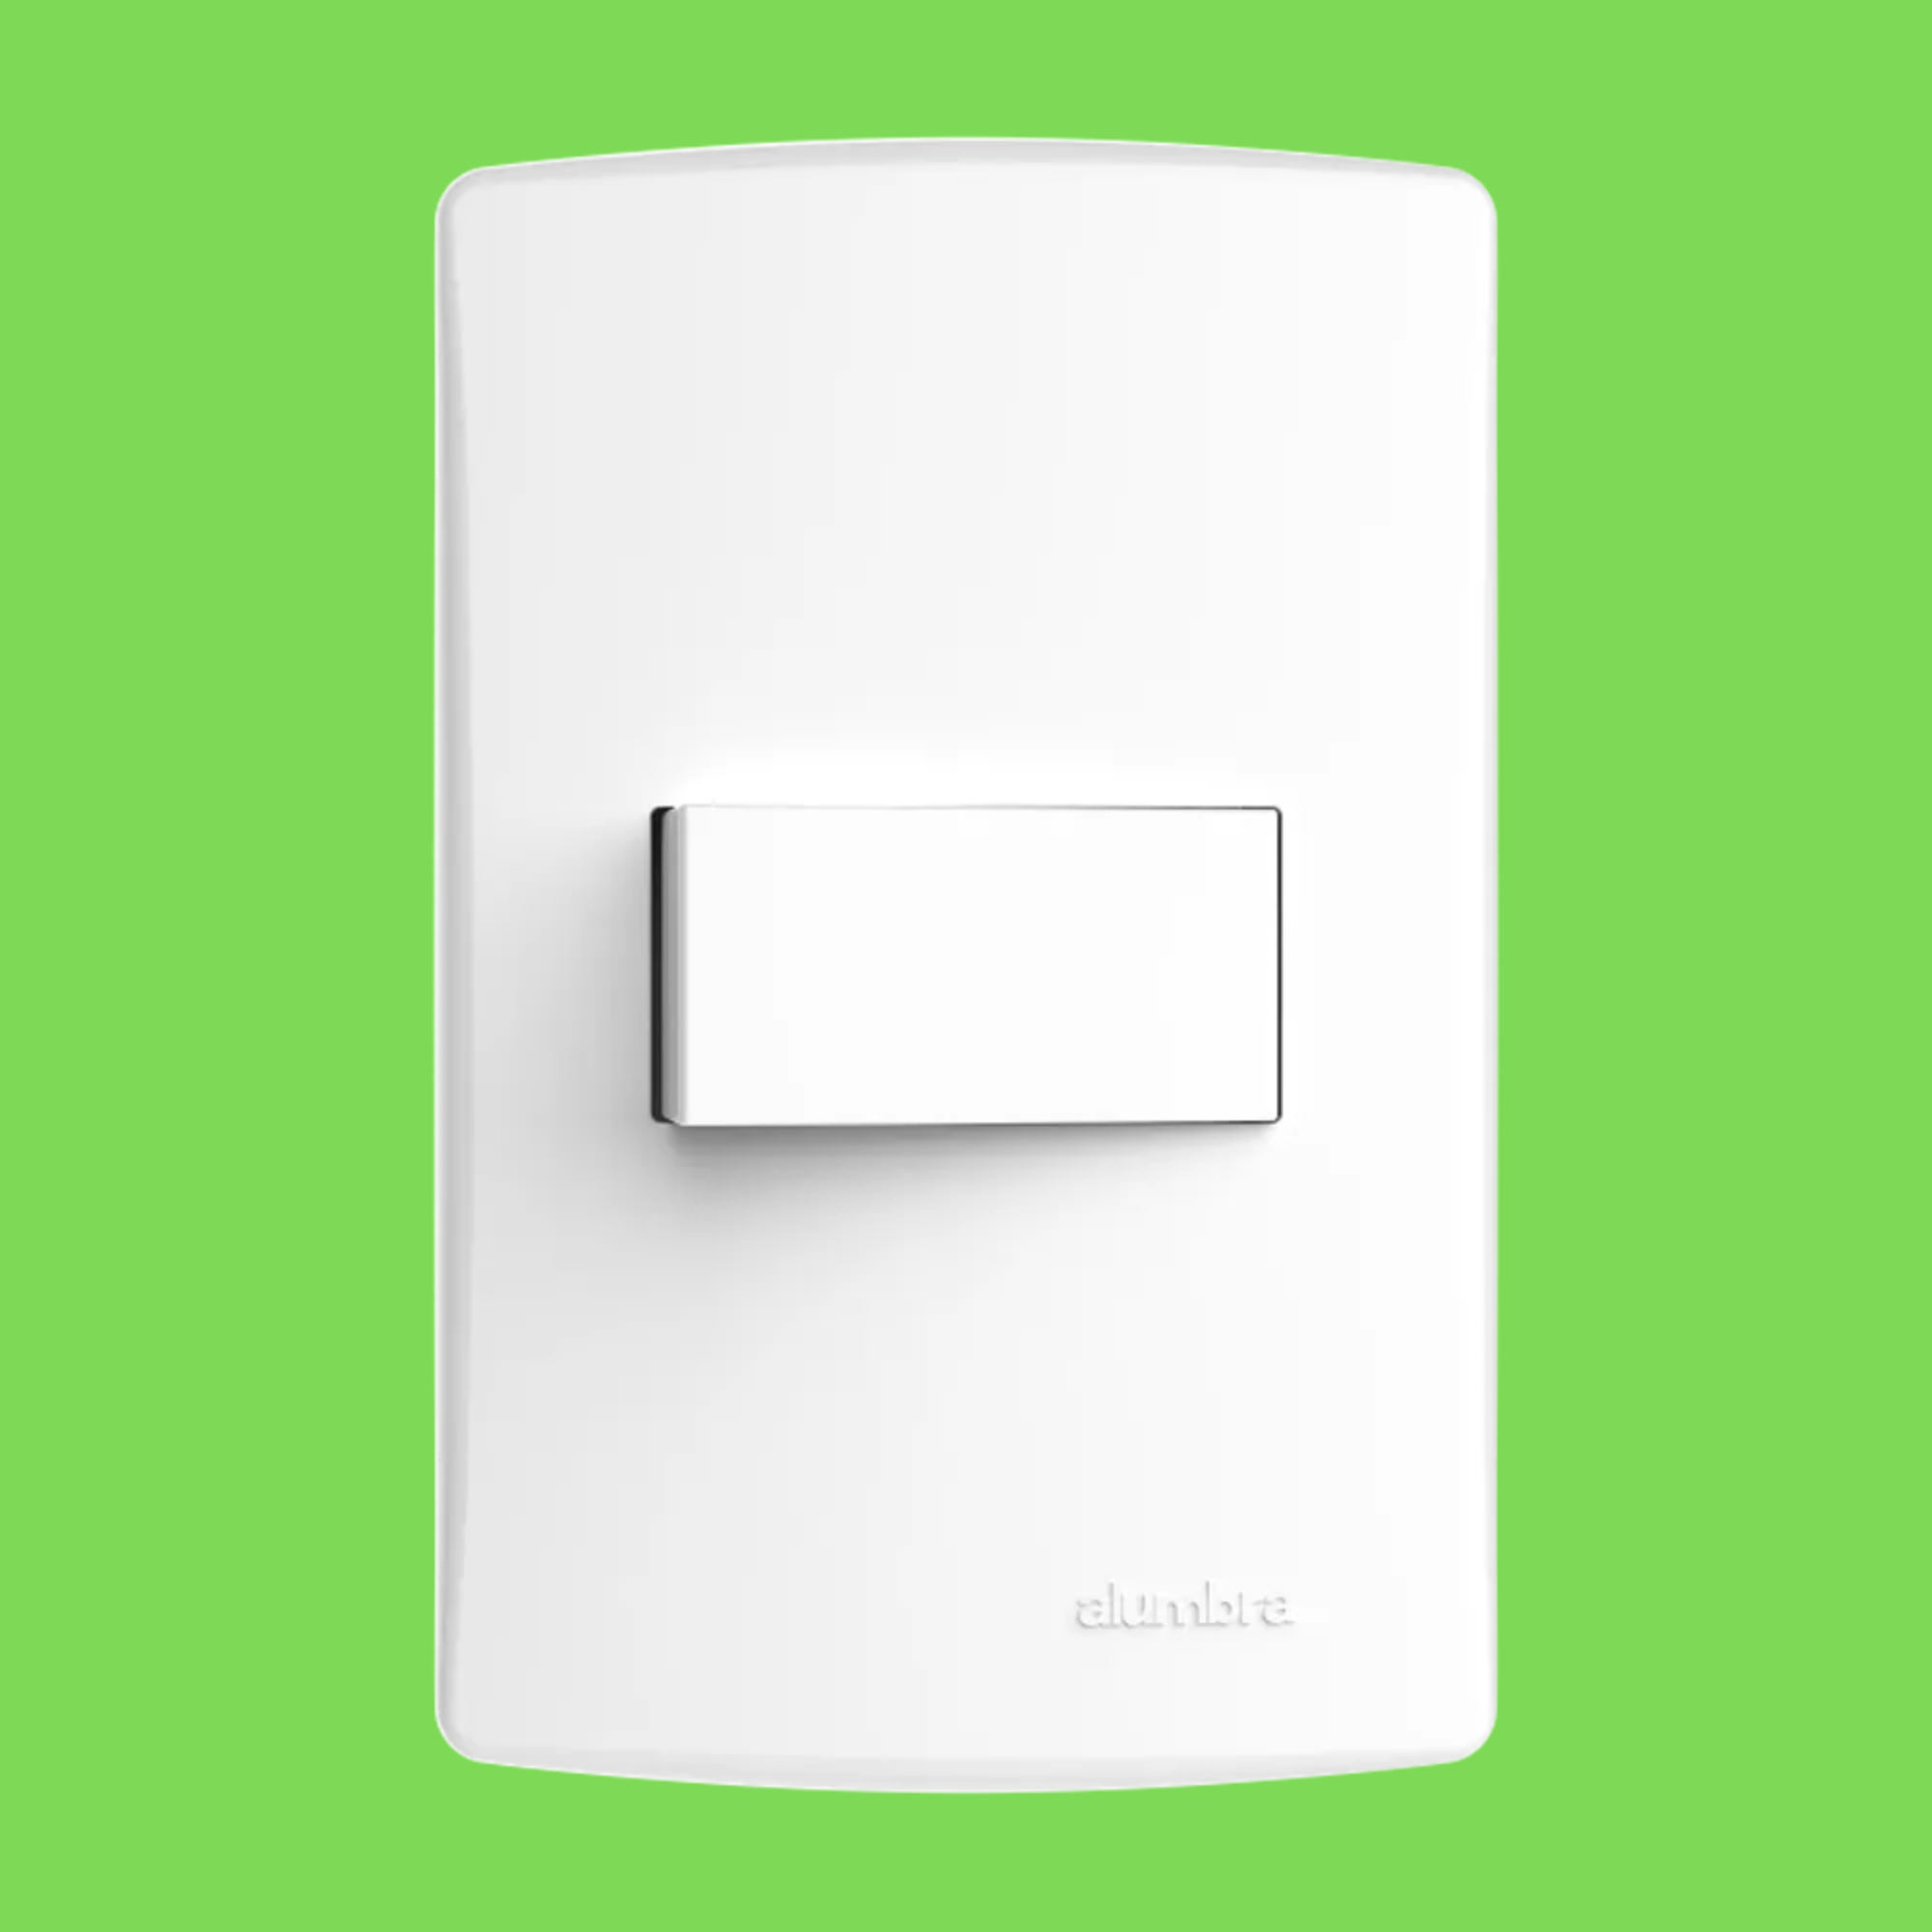 Alumbra Bianco Pró 1 Seção de Interruptor Simples Com Placa